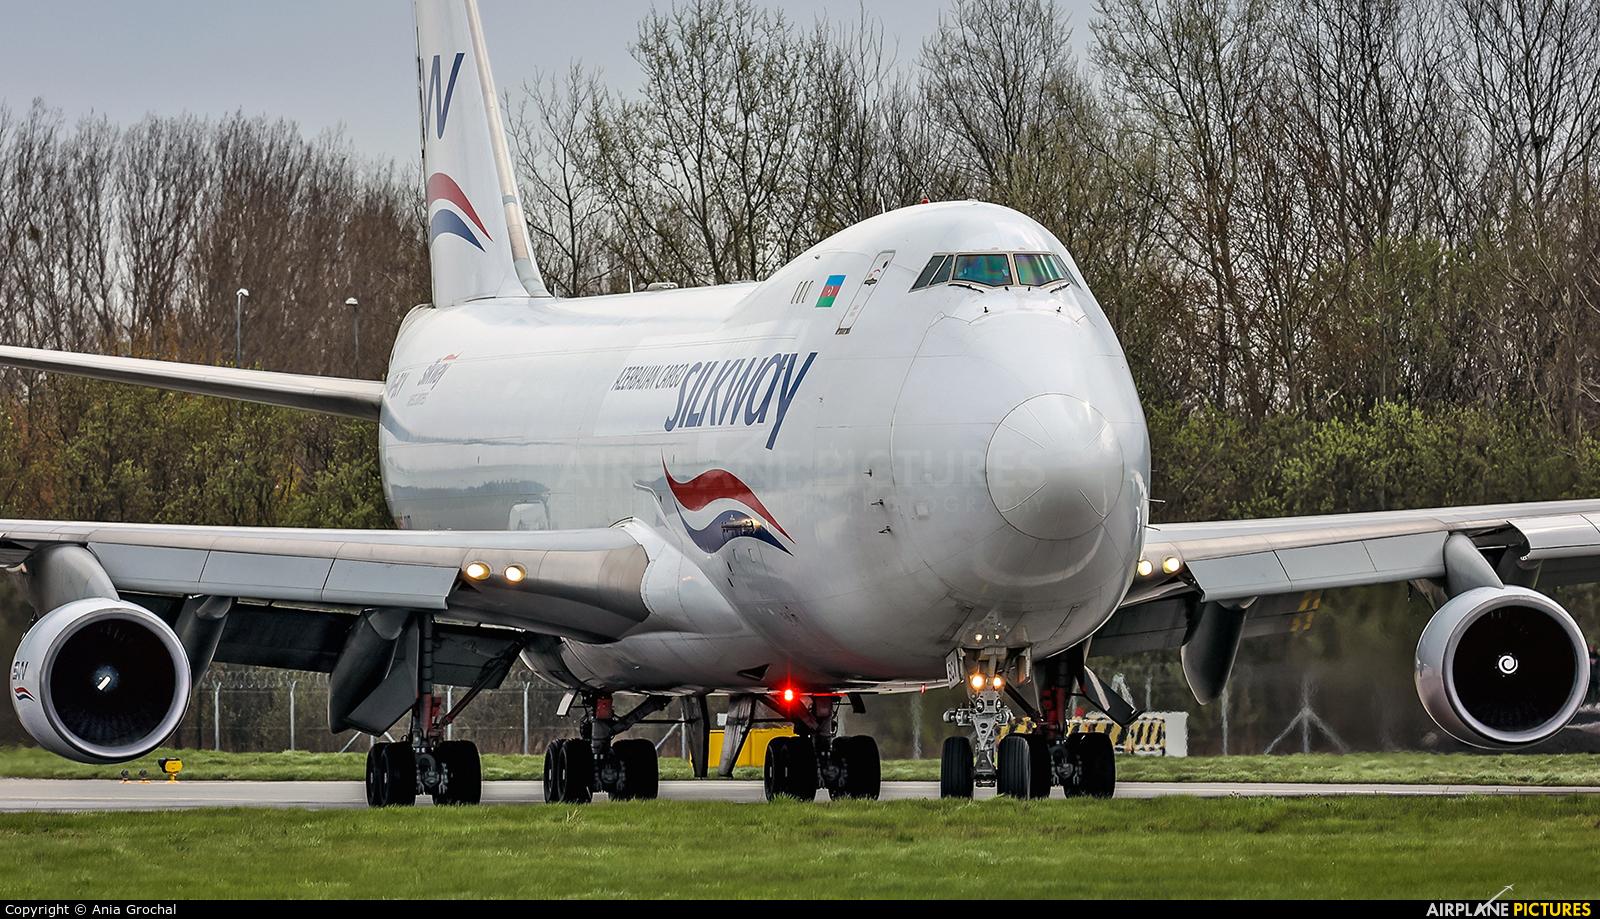 Silk Way Airlines VP-BCV aircraft at Warsaw - Frederic Chopin